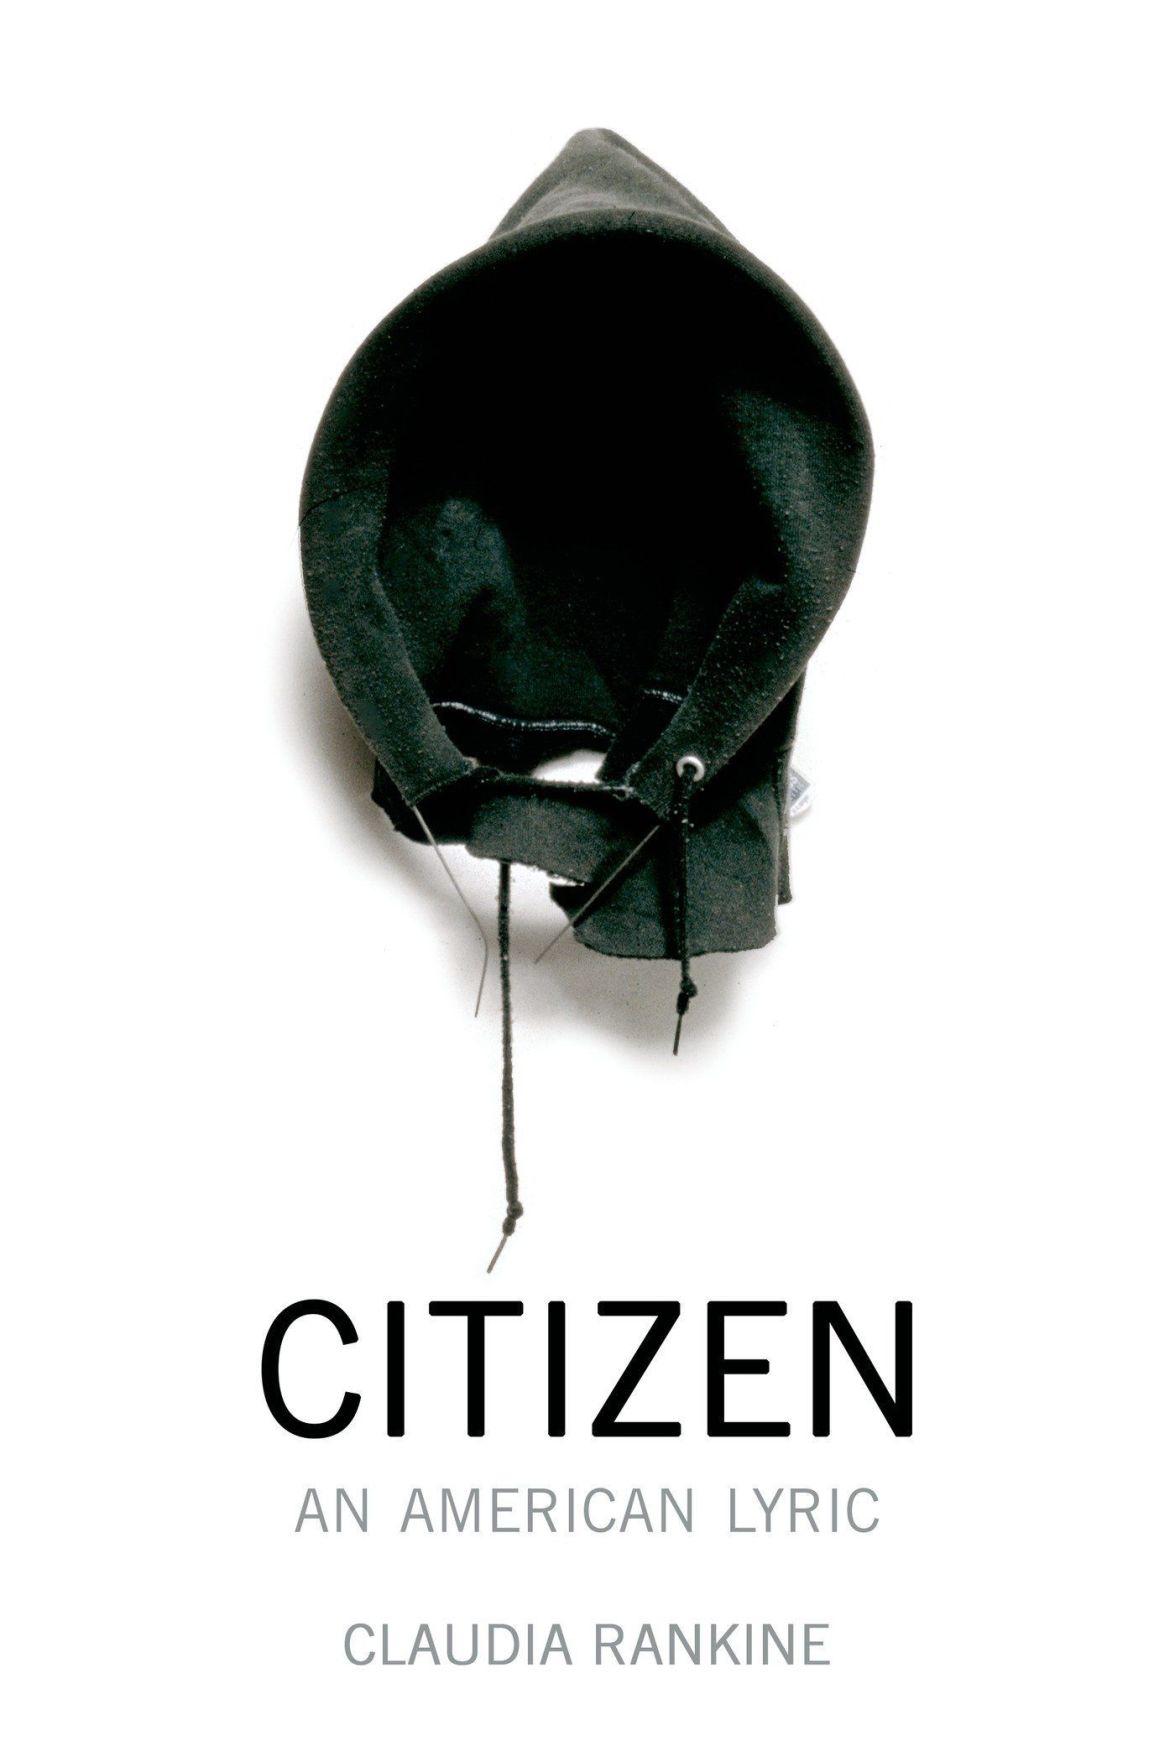 Claudia Rankine's 'Citizen'